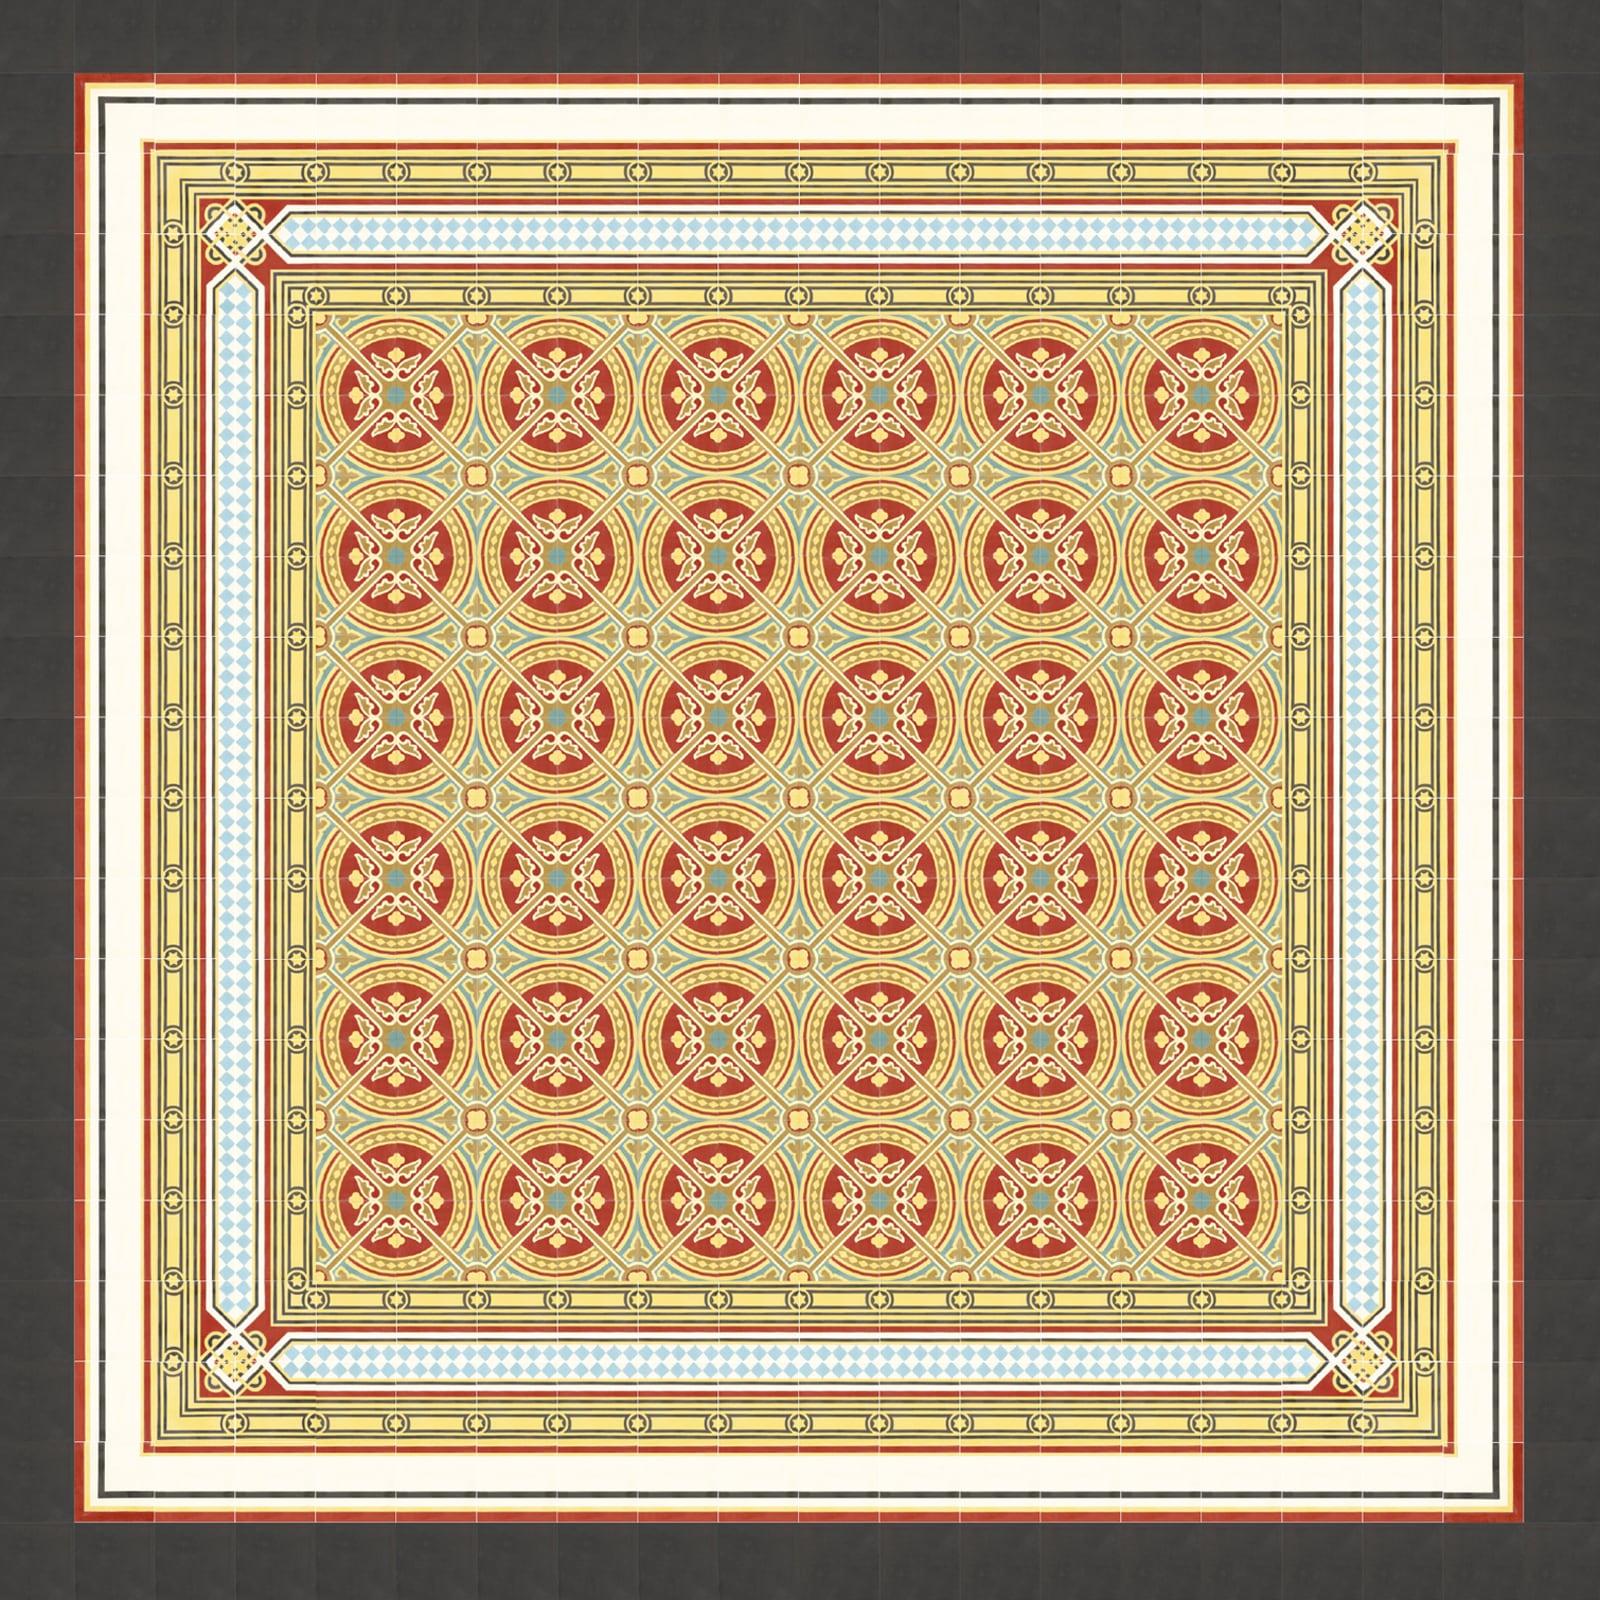 zementfliesen-VIA_verlegemuster_51049_A-viaplatten | 51049/165